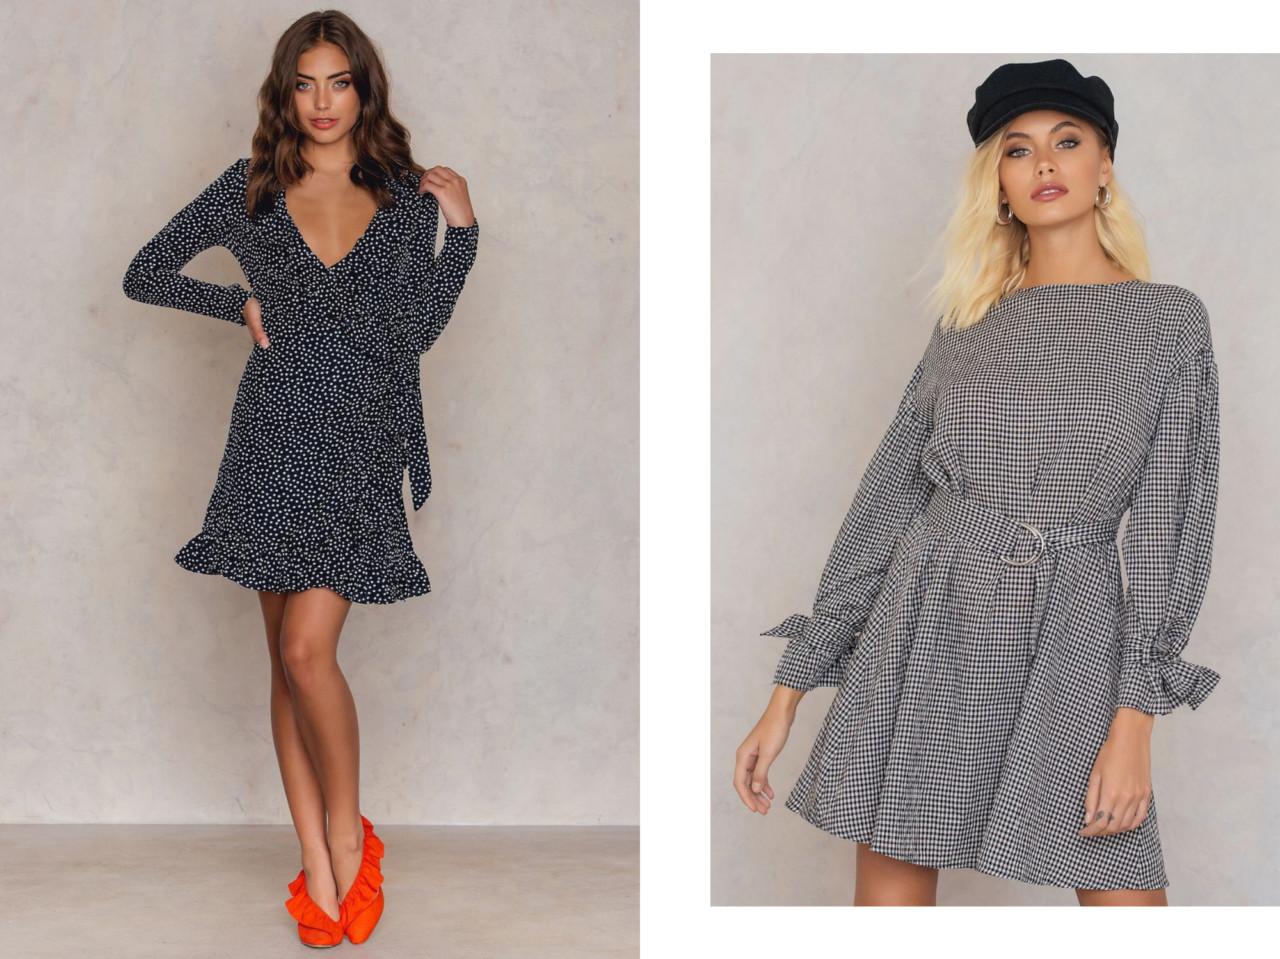 Här har vi två lite gulligare klänningar då då! Men den vänstra  omlottvarianten (reklamlänk via Apprl) är ju en klassiker  prickig och  volangig ( cute) men ... c40867b6ce5aa